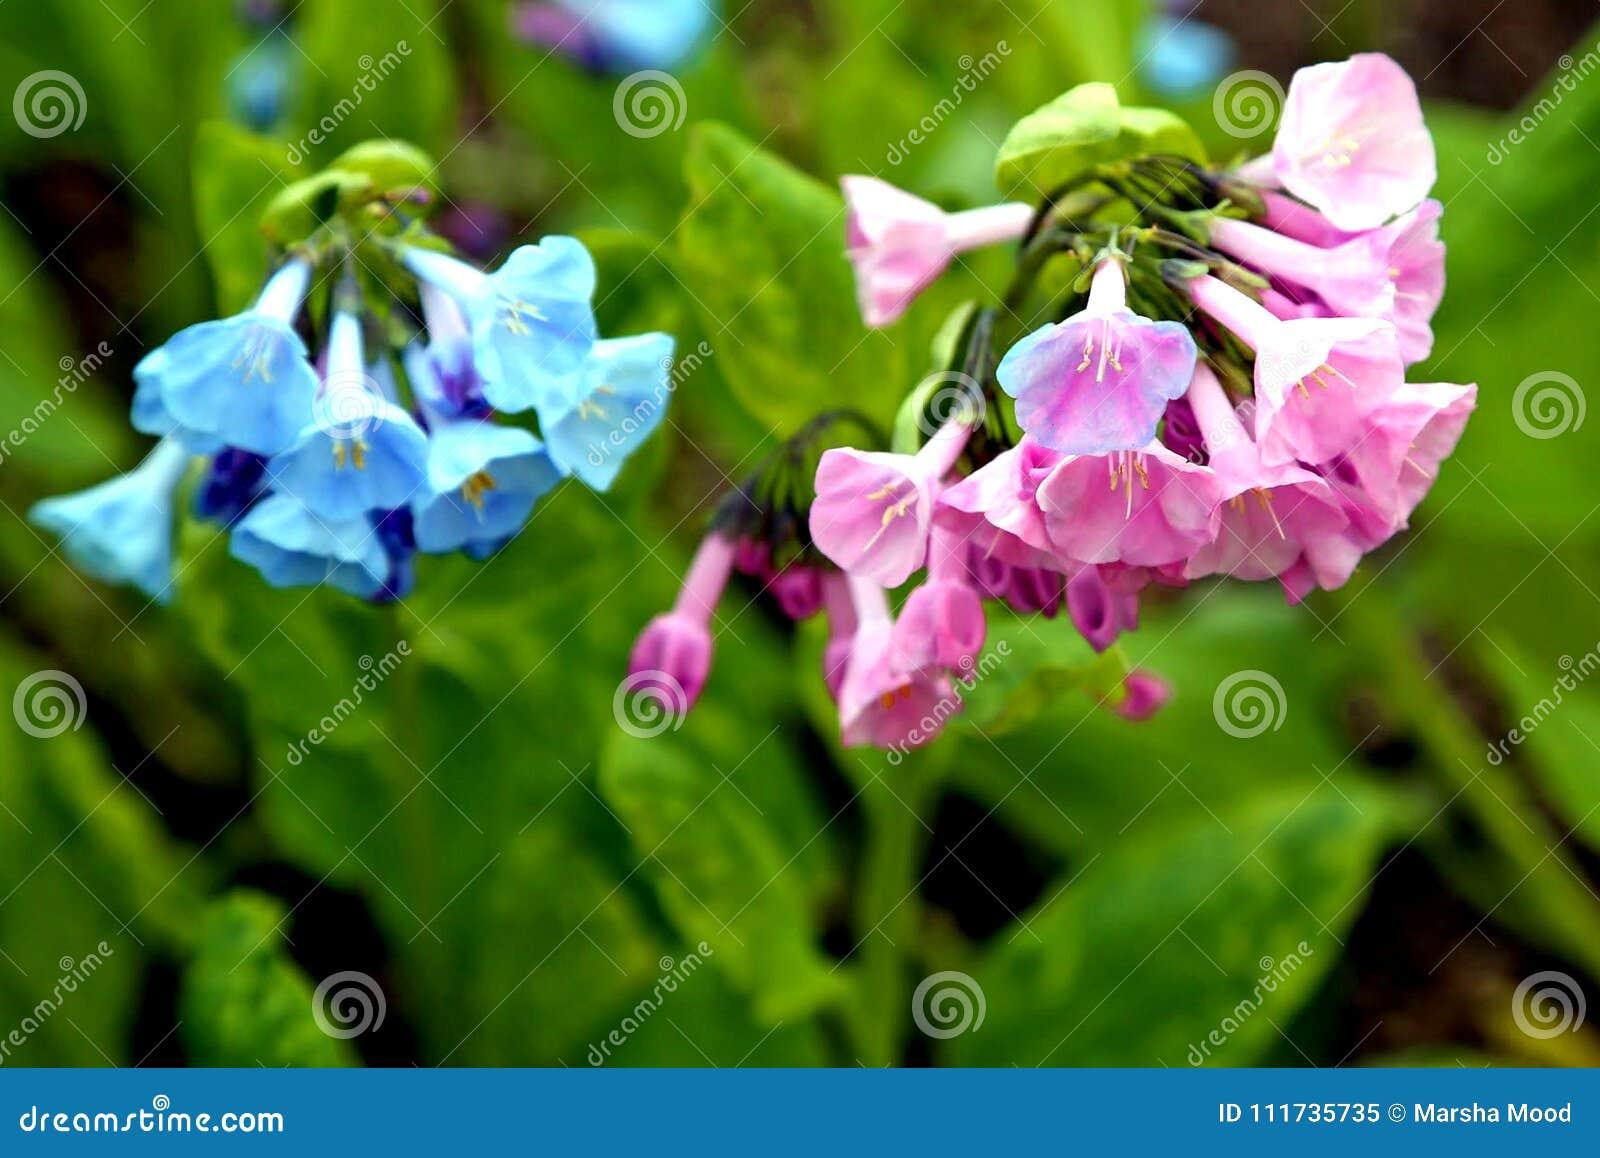 Älskvärda rosa färg- och blåttVirginia blåklockor som blommar i vårsolen